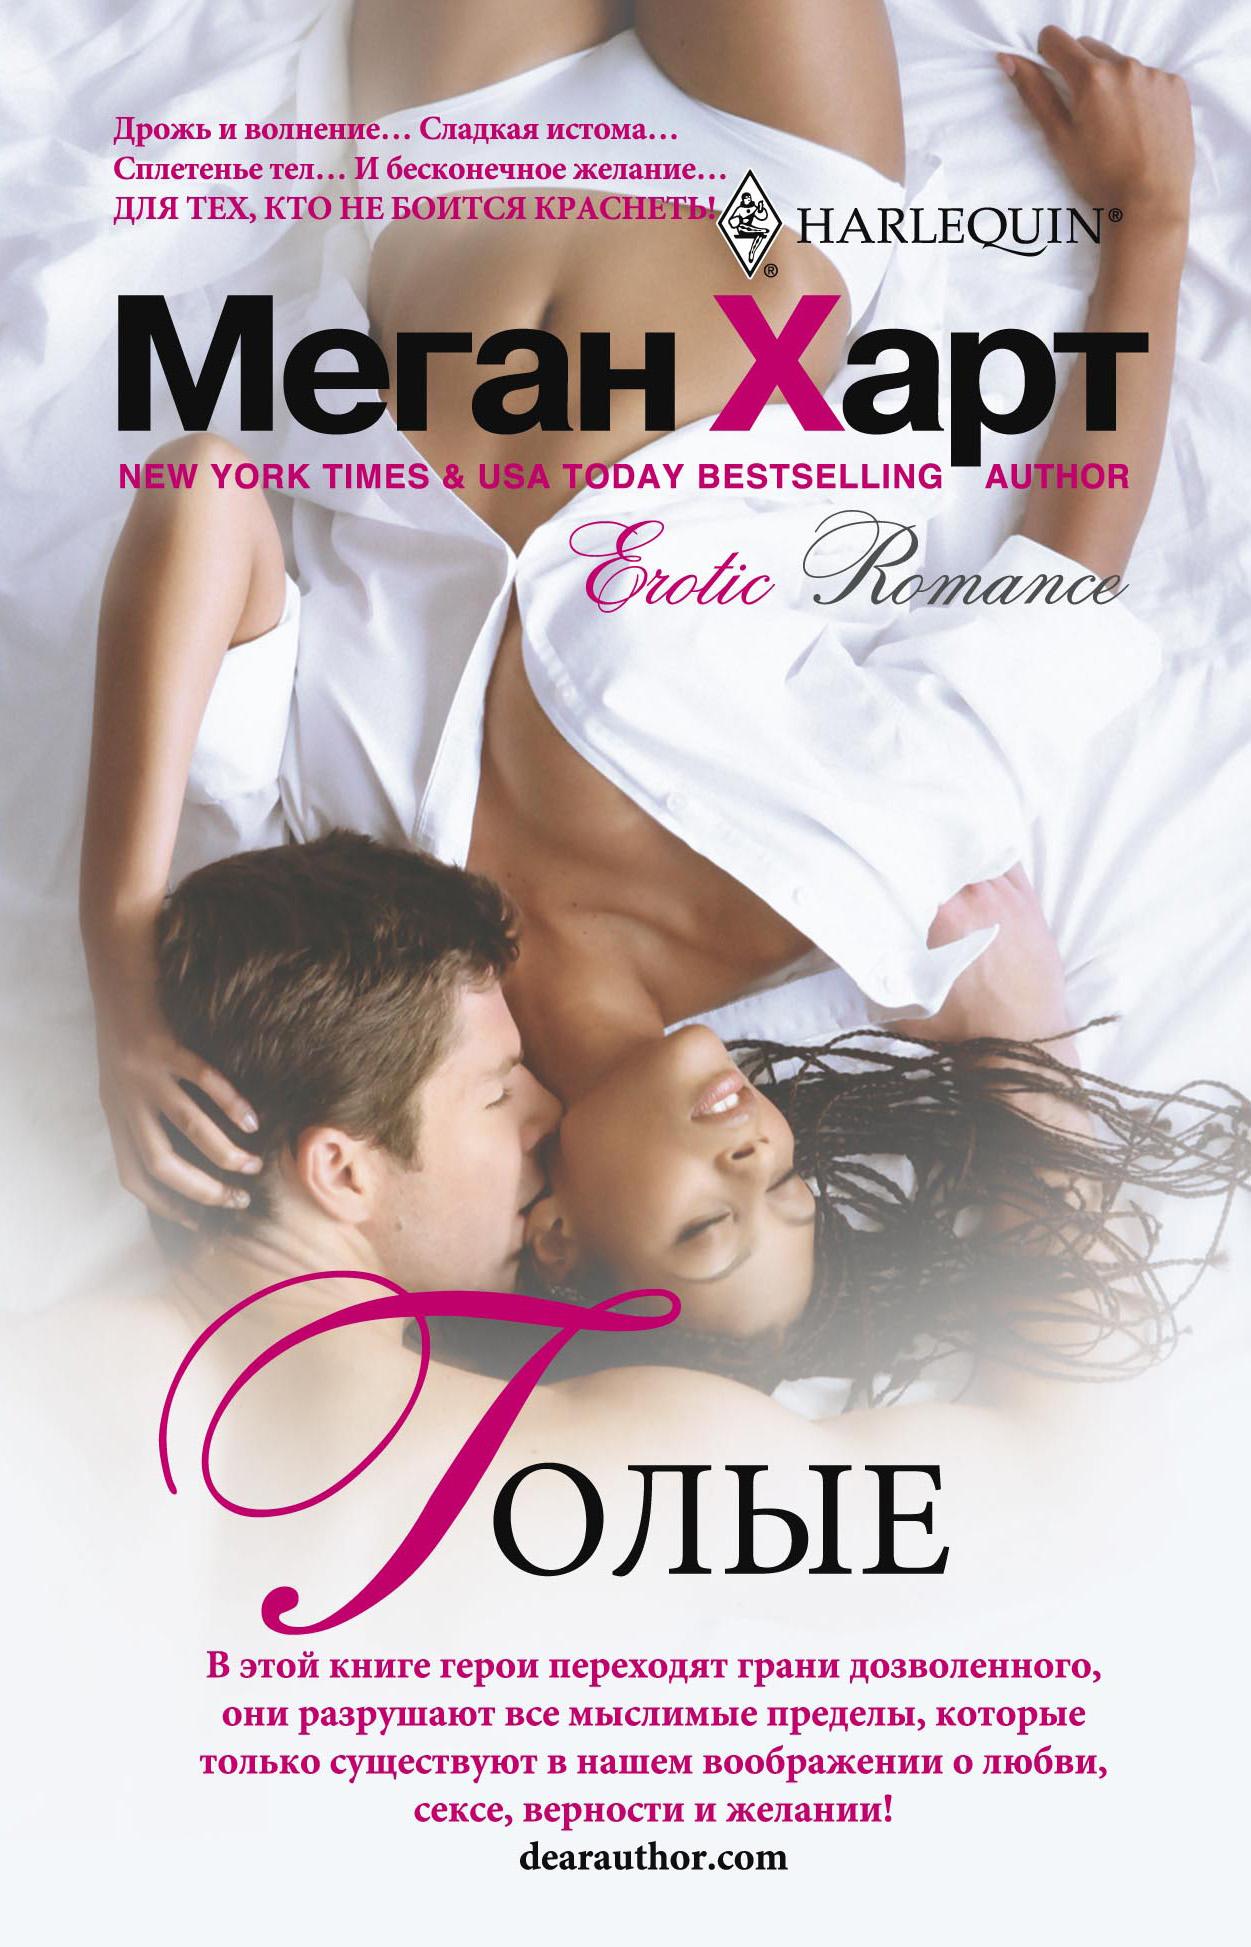 video-otsosika-korotkie-eroticheskie-romani-obshage